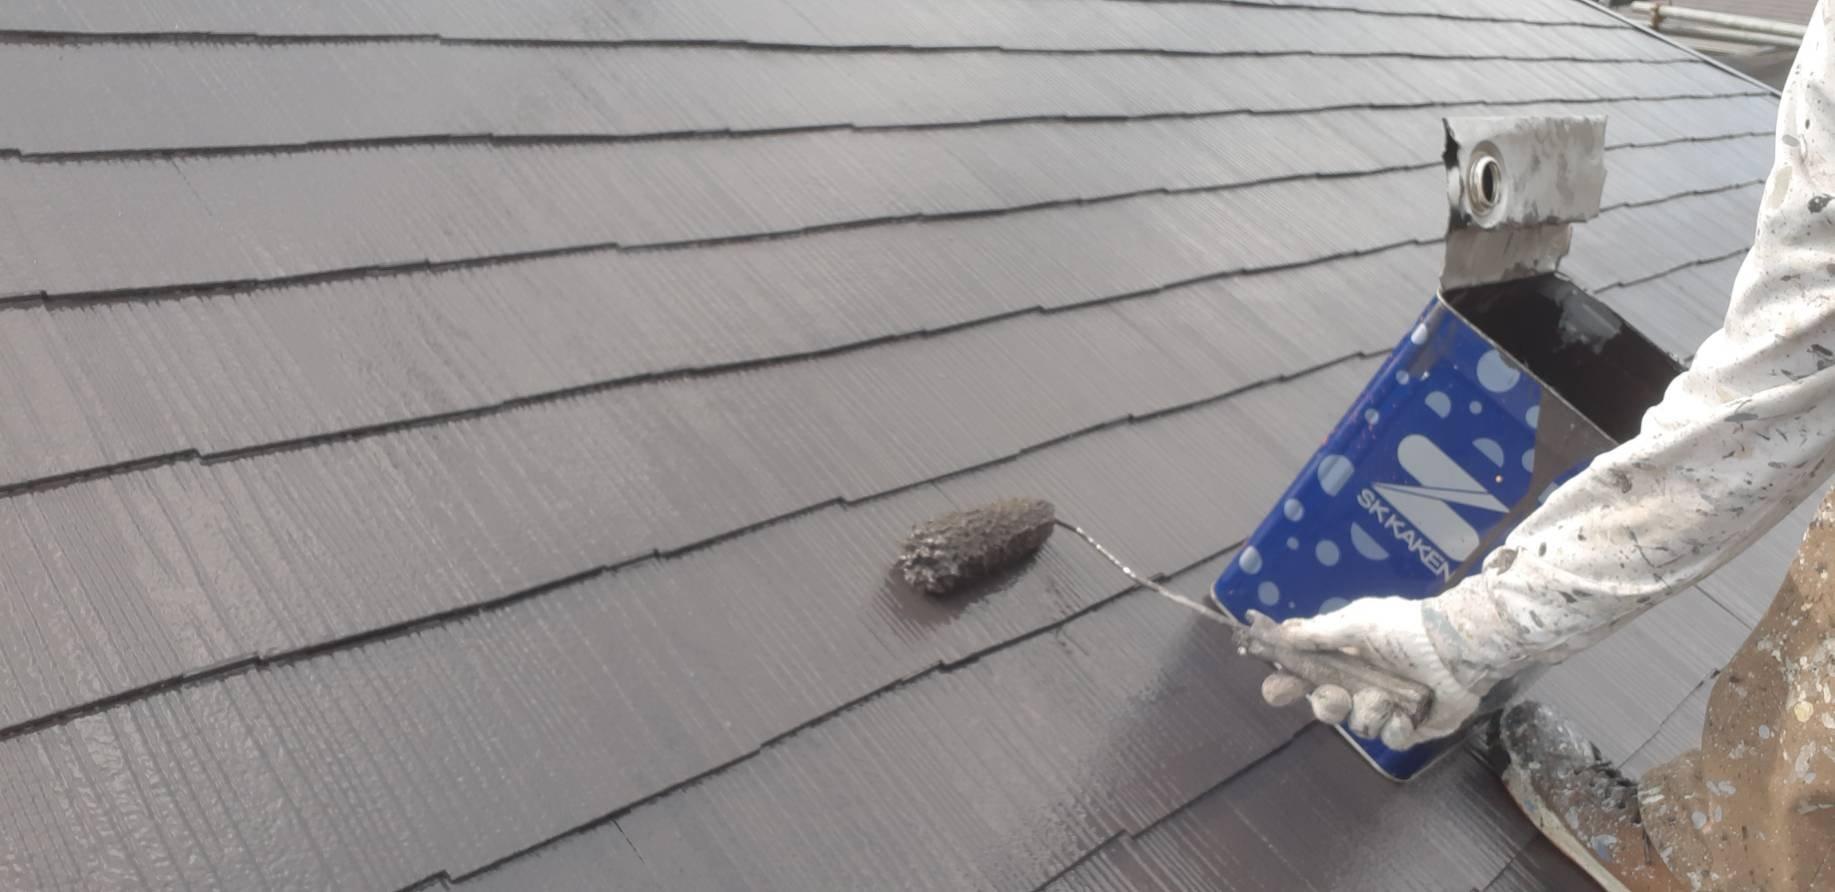 福岡県自由ヶ丘南H様邸施工5日目屋根上塗り外壁上塗り付帯塗装作業